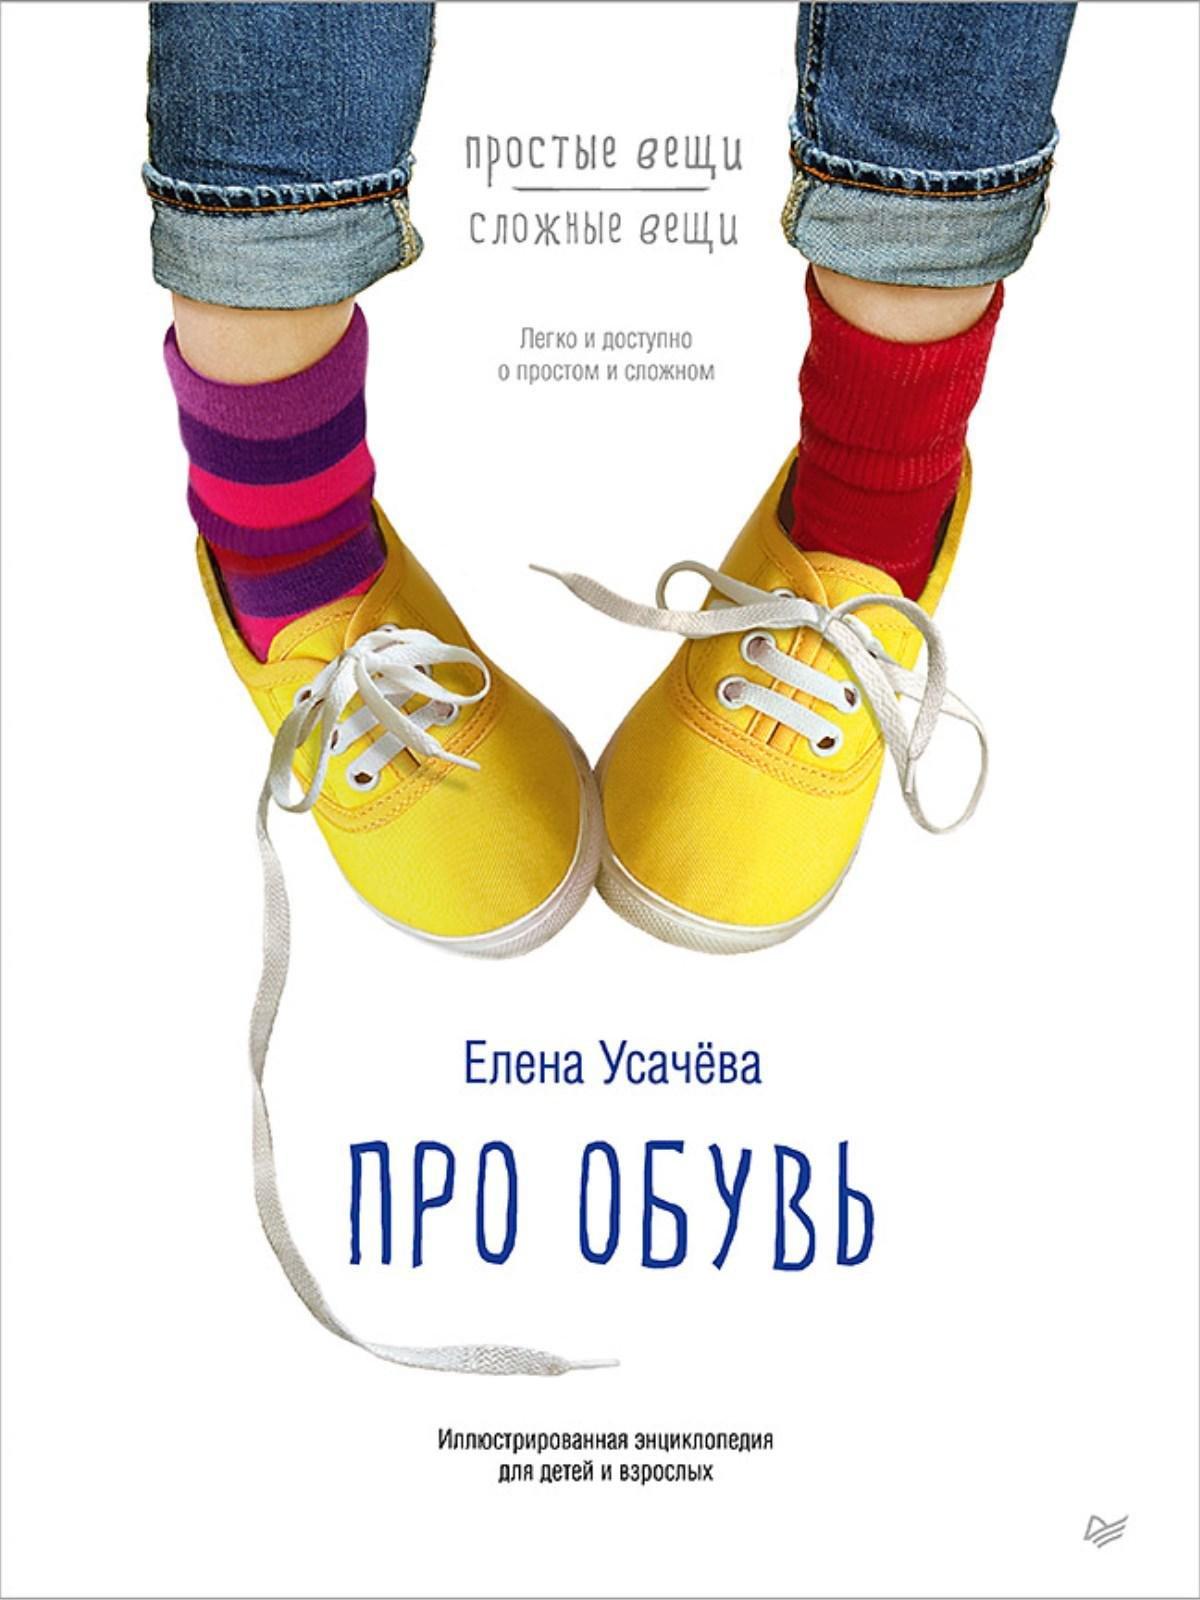 Усачева Елена Александровна Про обувь. Иллюстрированная энциклопедия для детей и взрослых